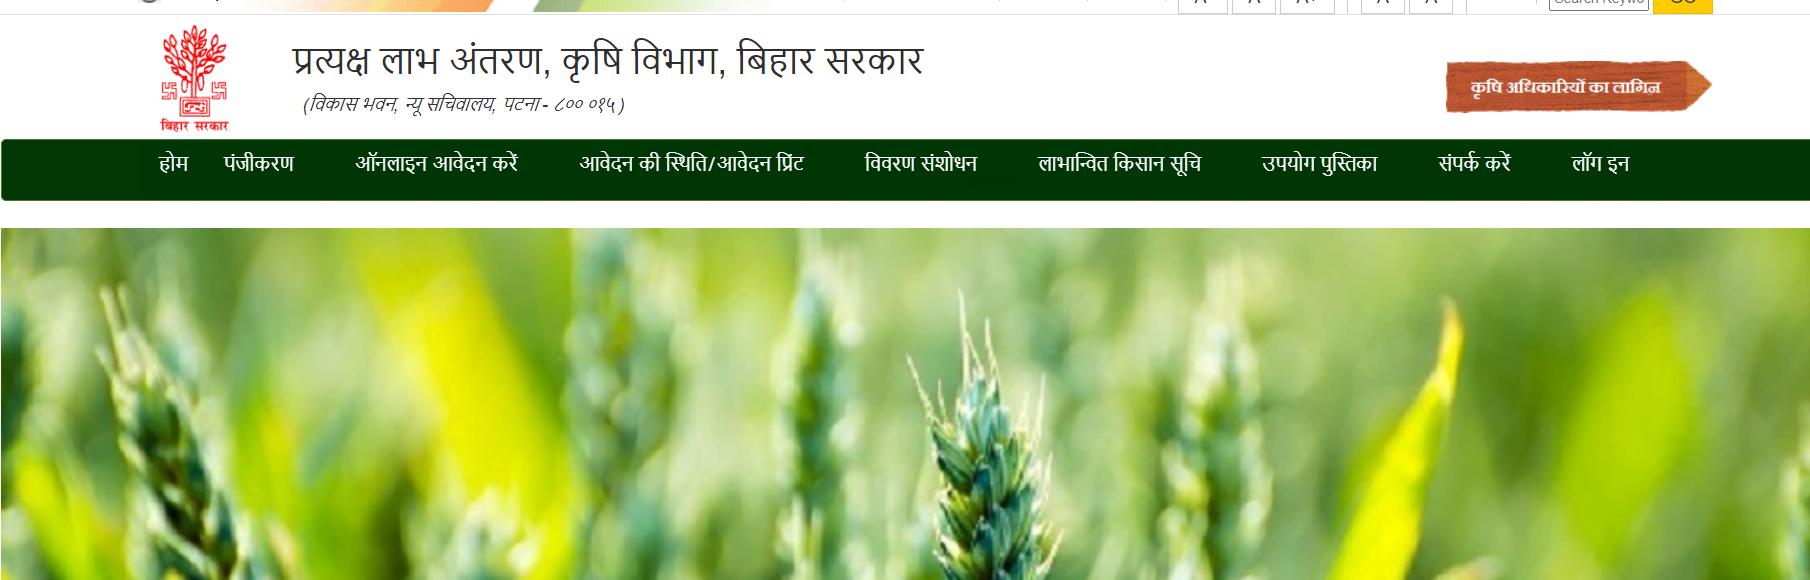 कृषि-विभाग-बिहार-जलजीवन-हरियाली-योजना-रजिस्ट्रेशन-प्रक्रिया